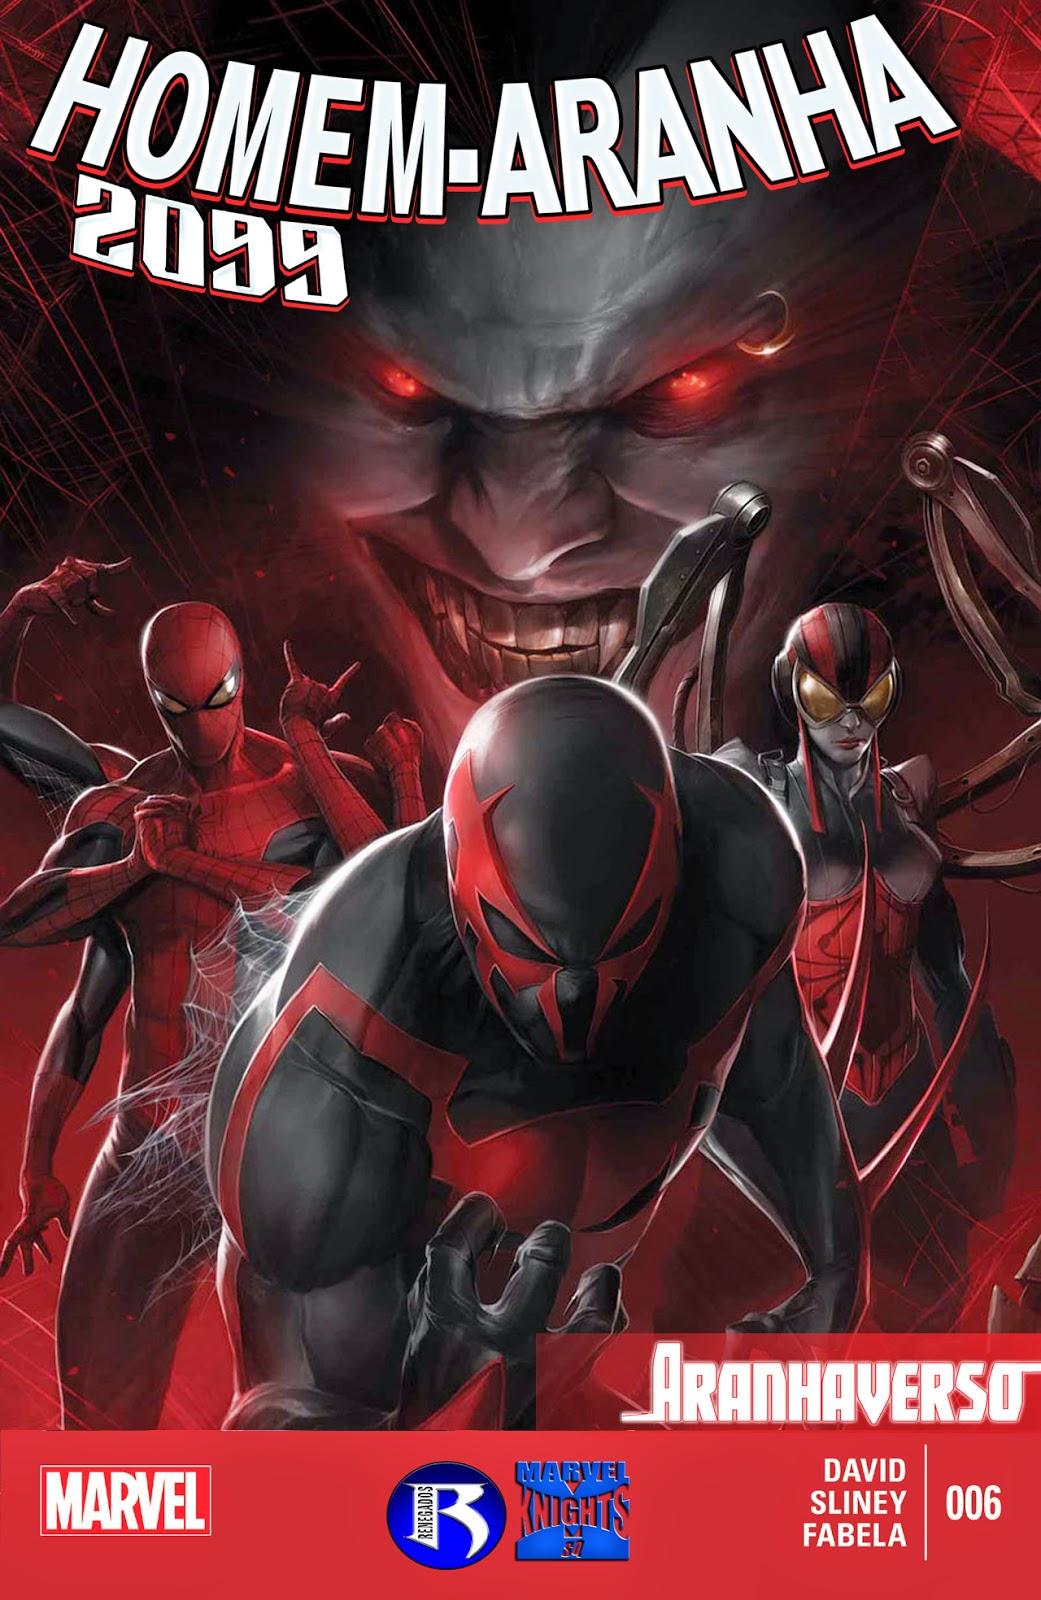 Homem-Aranha 2099 #6